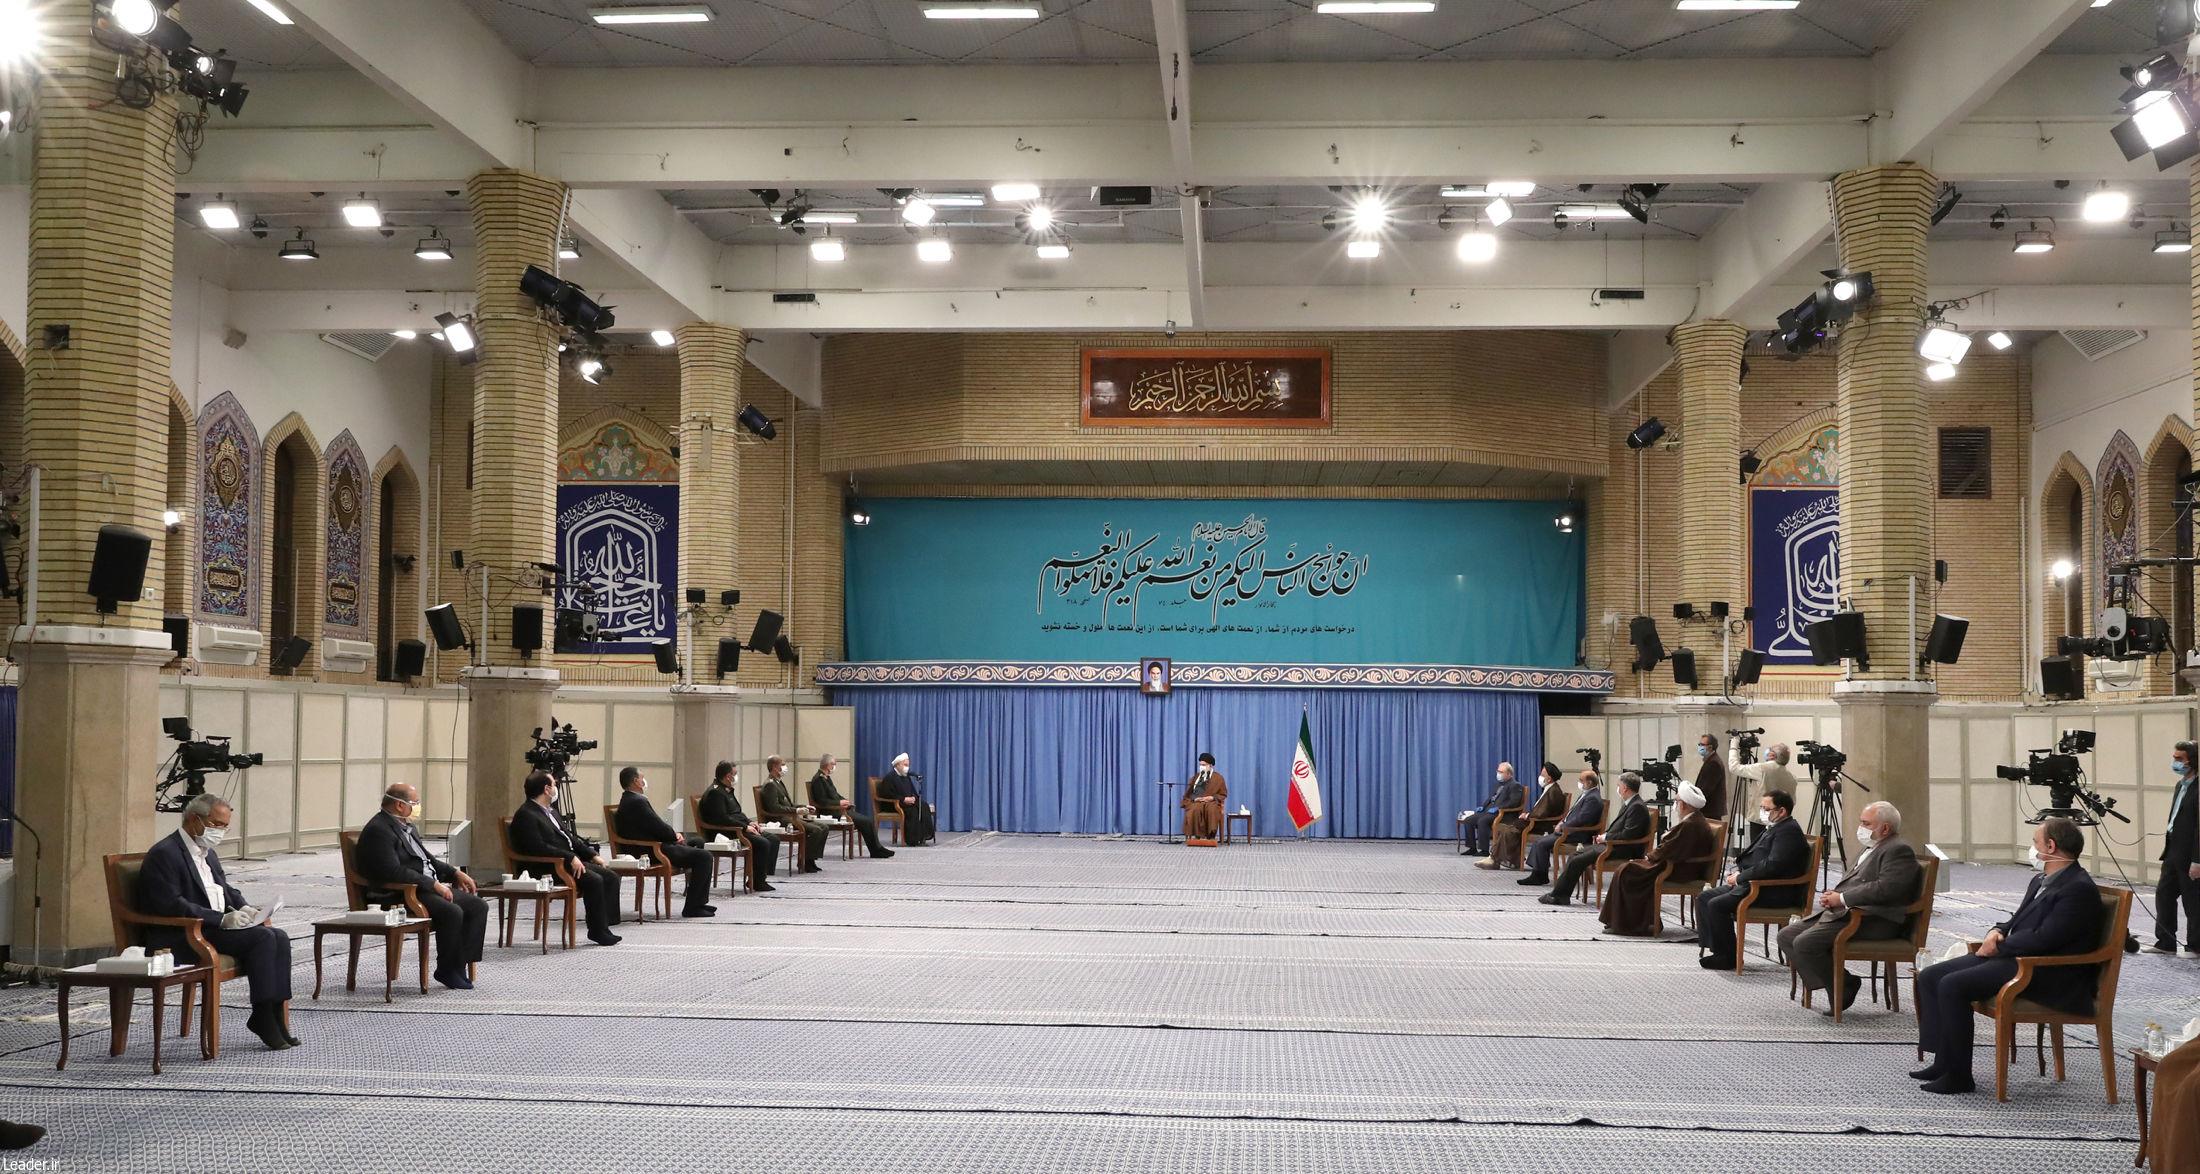 جلسه-ستاد-ملی-مقابله-با-کرونا-در-حضور-رهبر-معظم-انقلاب-اسلامی